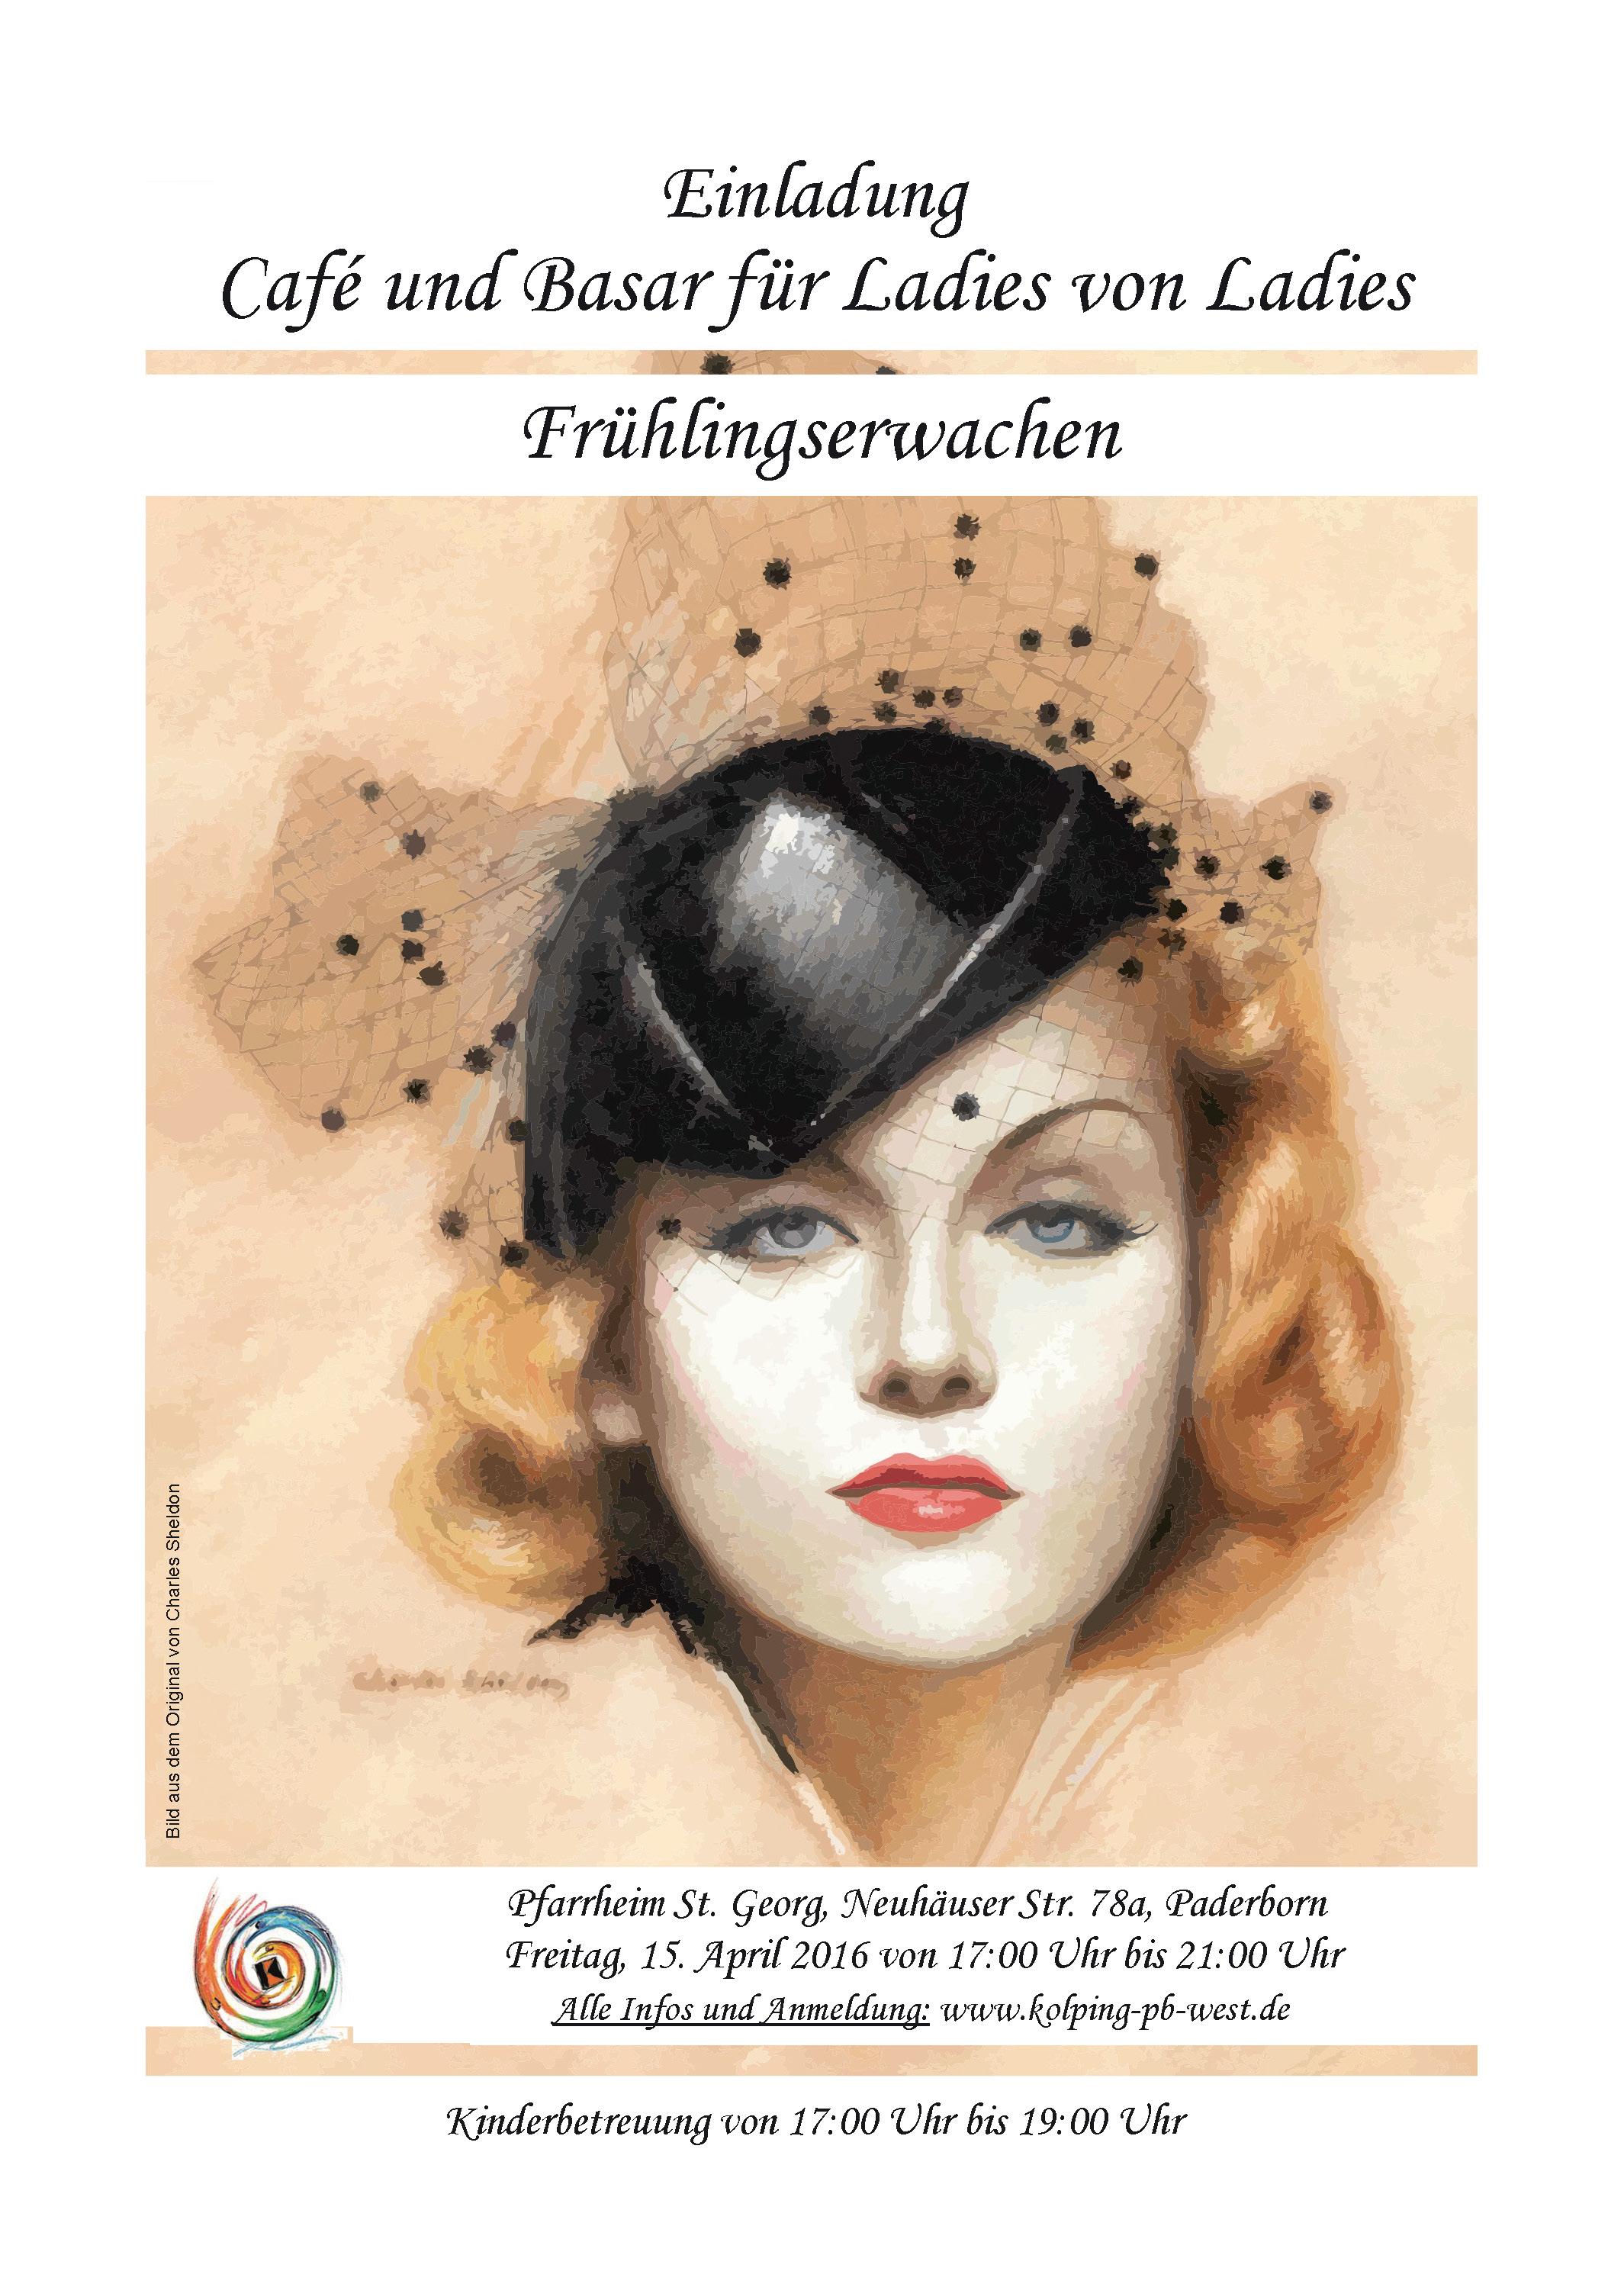 Flyer für den Kleiderbasar der Kolpingsfamilie Paderborn-West am 10.04.2016 im Pfarrheim St. Georg